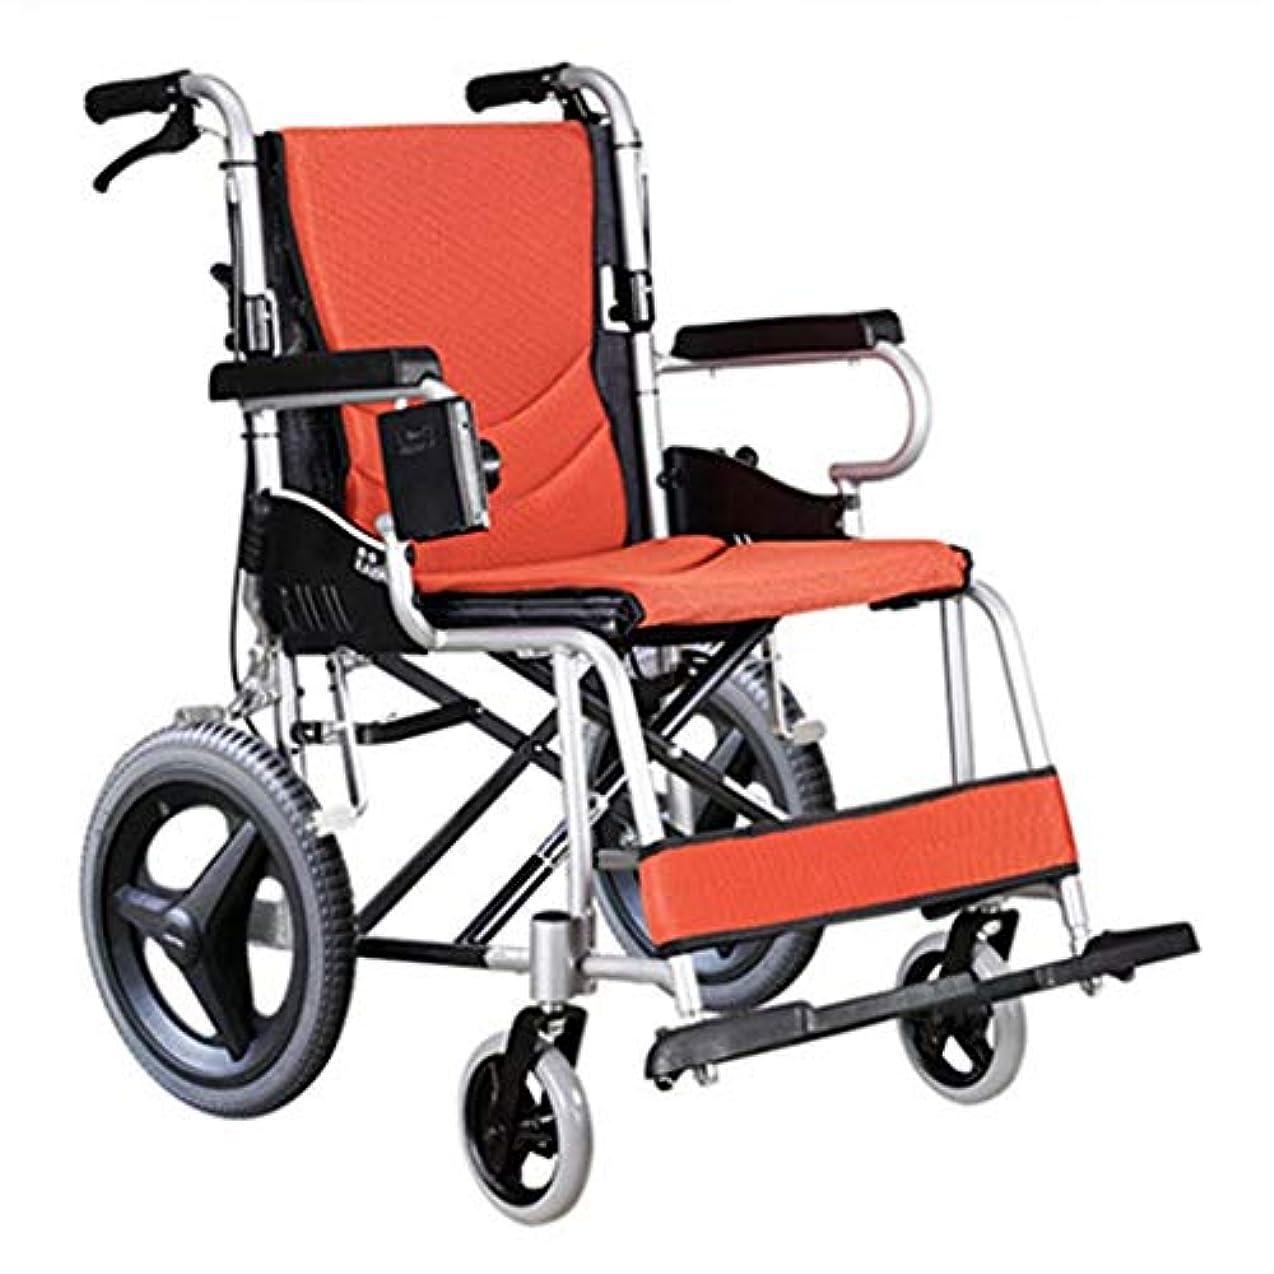 神経排泄する顎折りたたみ車椅子、航空用アルミニウム合金車椅子ソリッドタイヤ、高齢者向けダブルブレーキデザイン野外活動車椅子トロリー